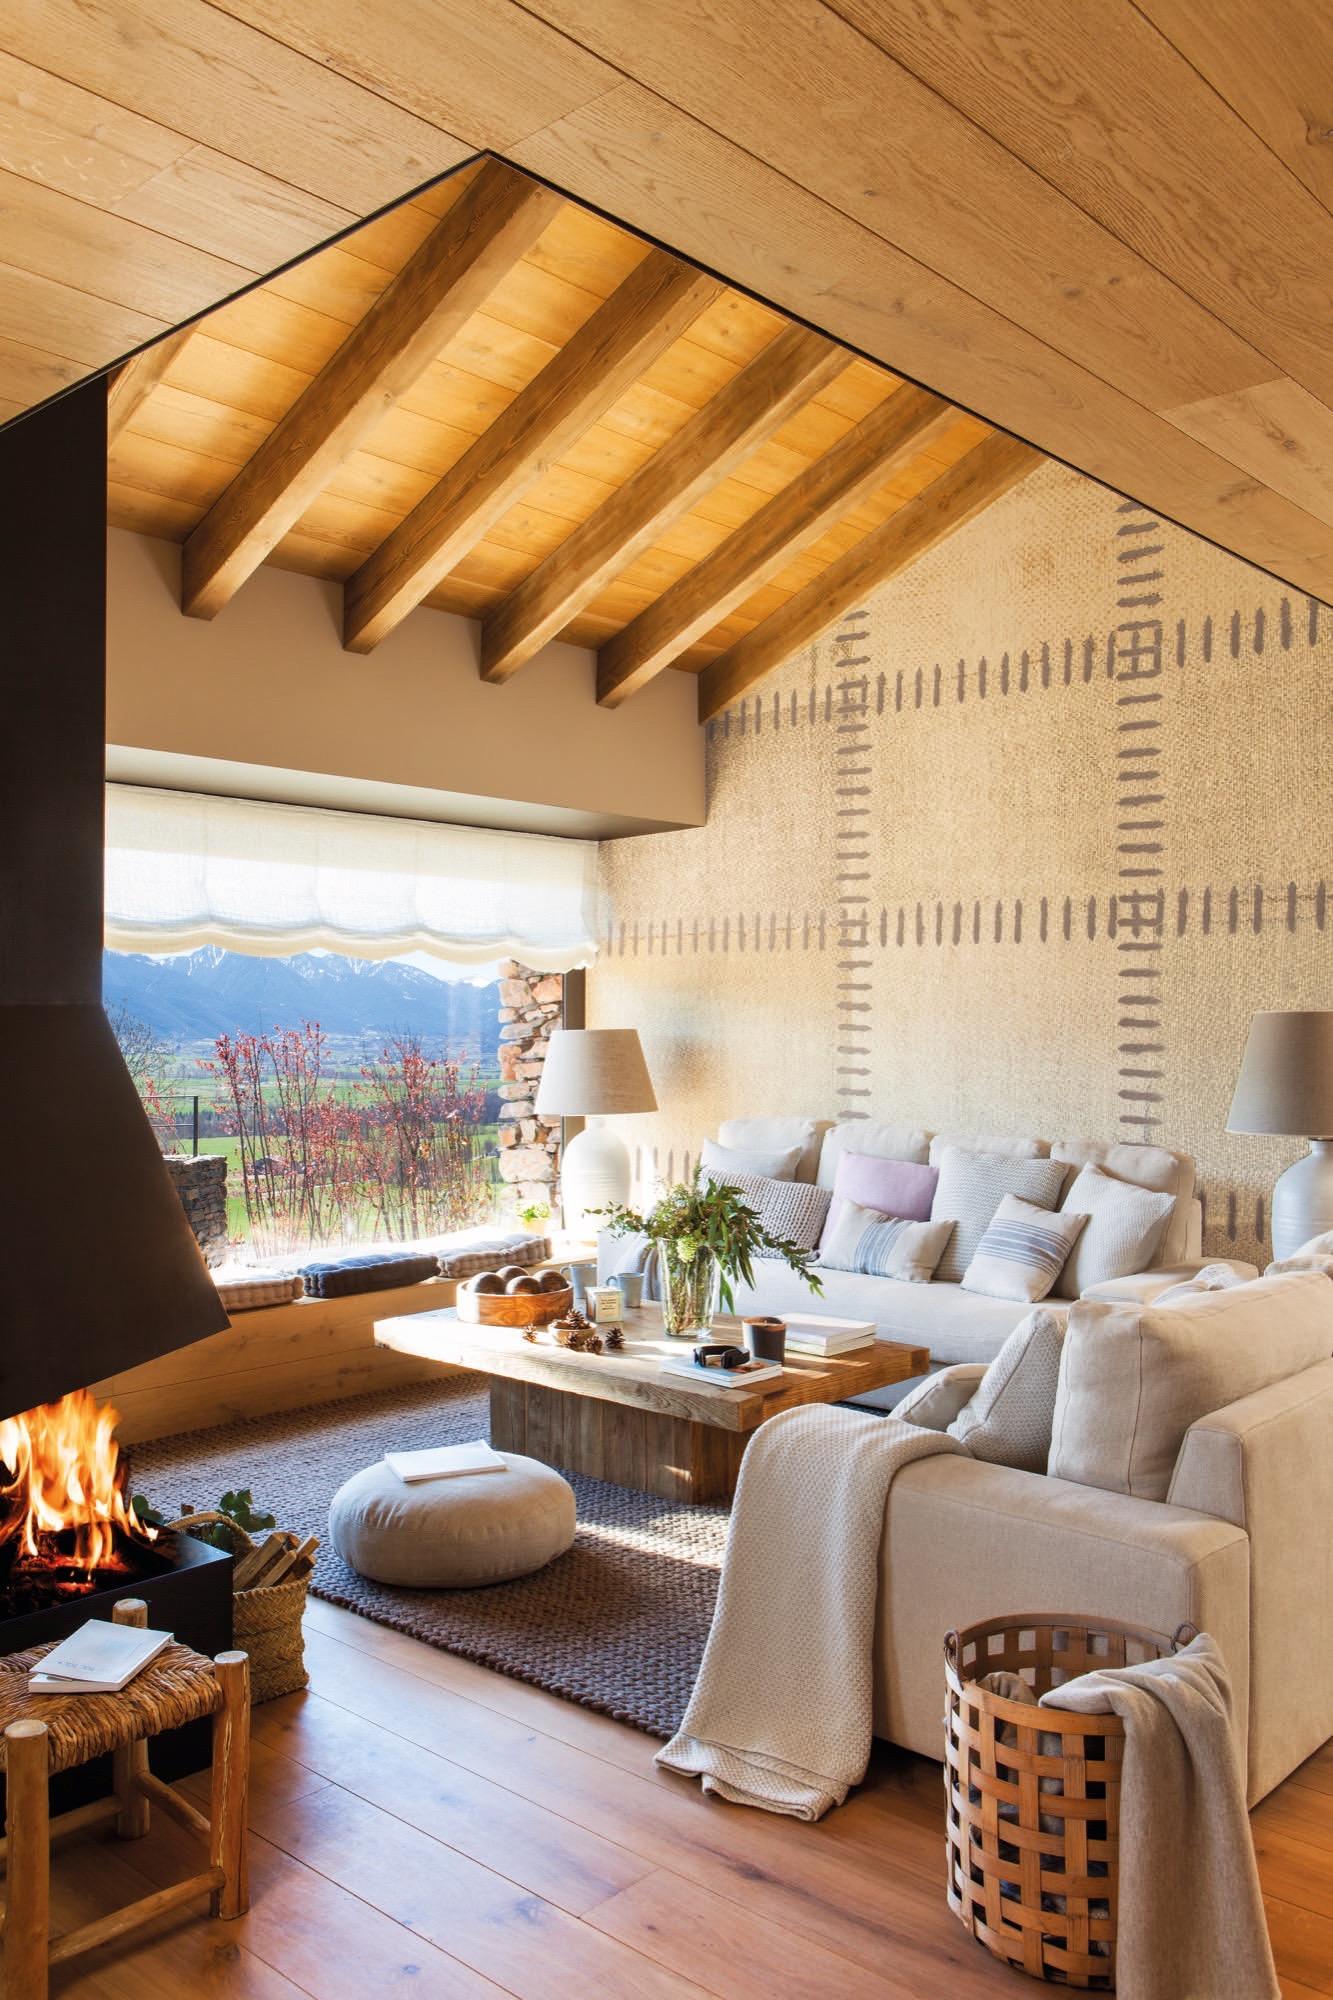 Una casa de monta a c lida acogedora y muy abrigada en la - Apartamentos de montana ...